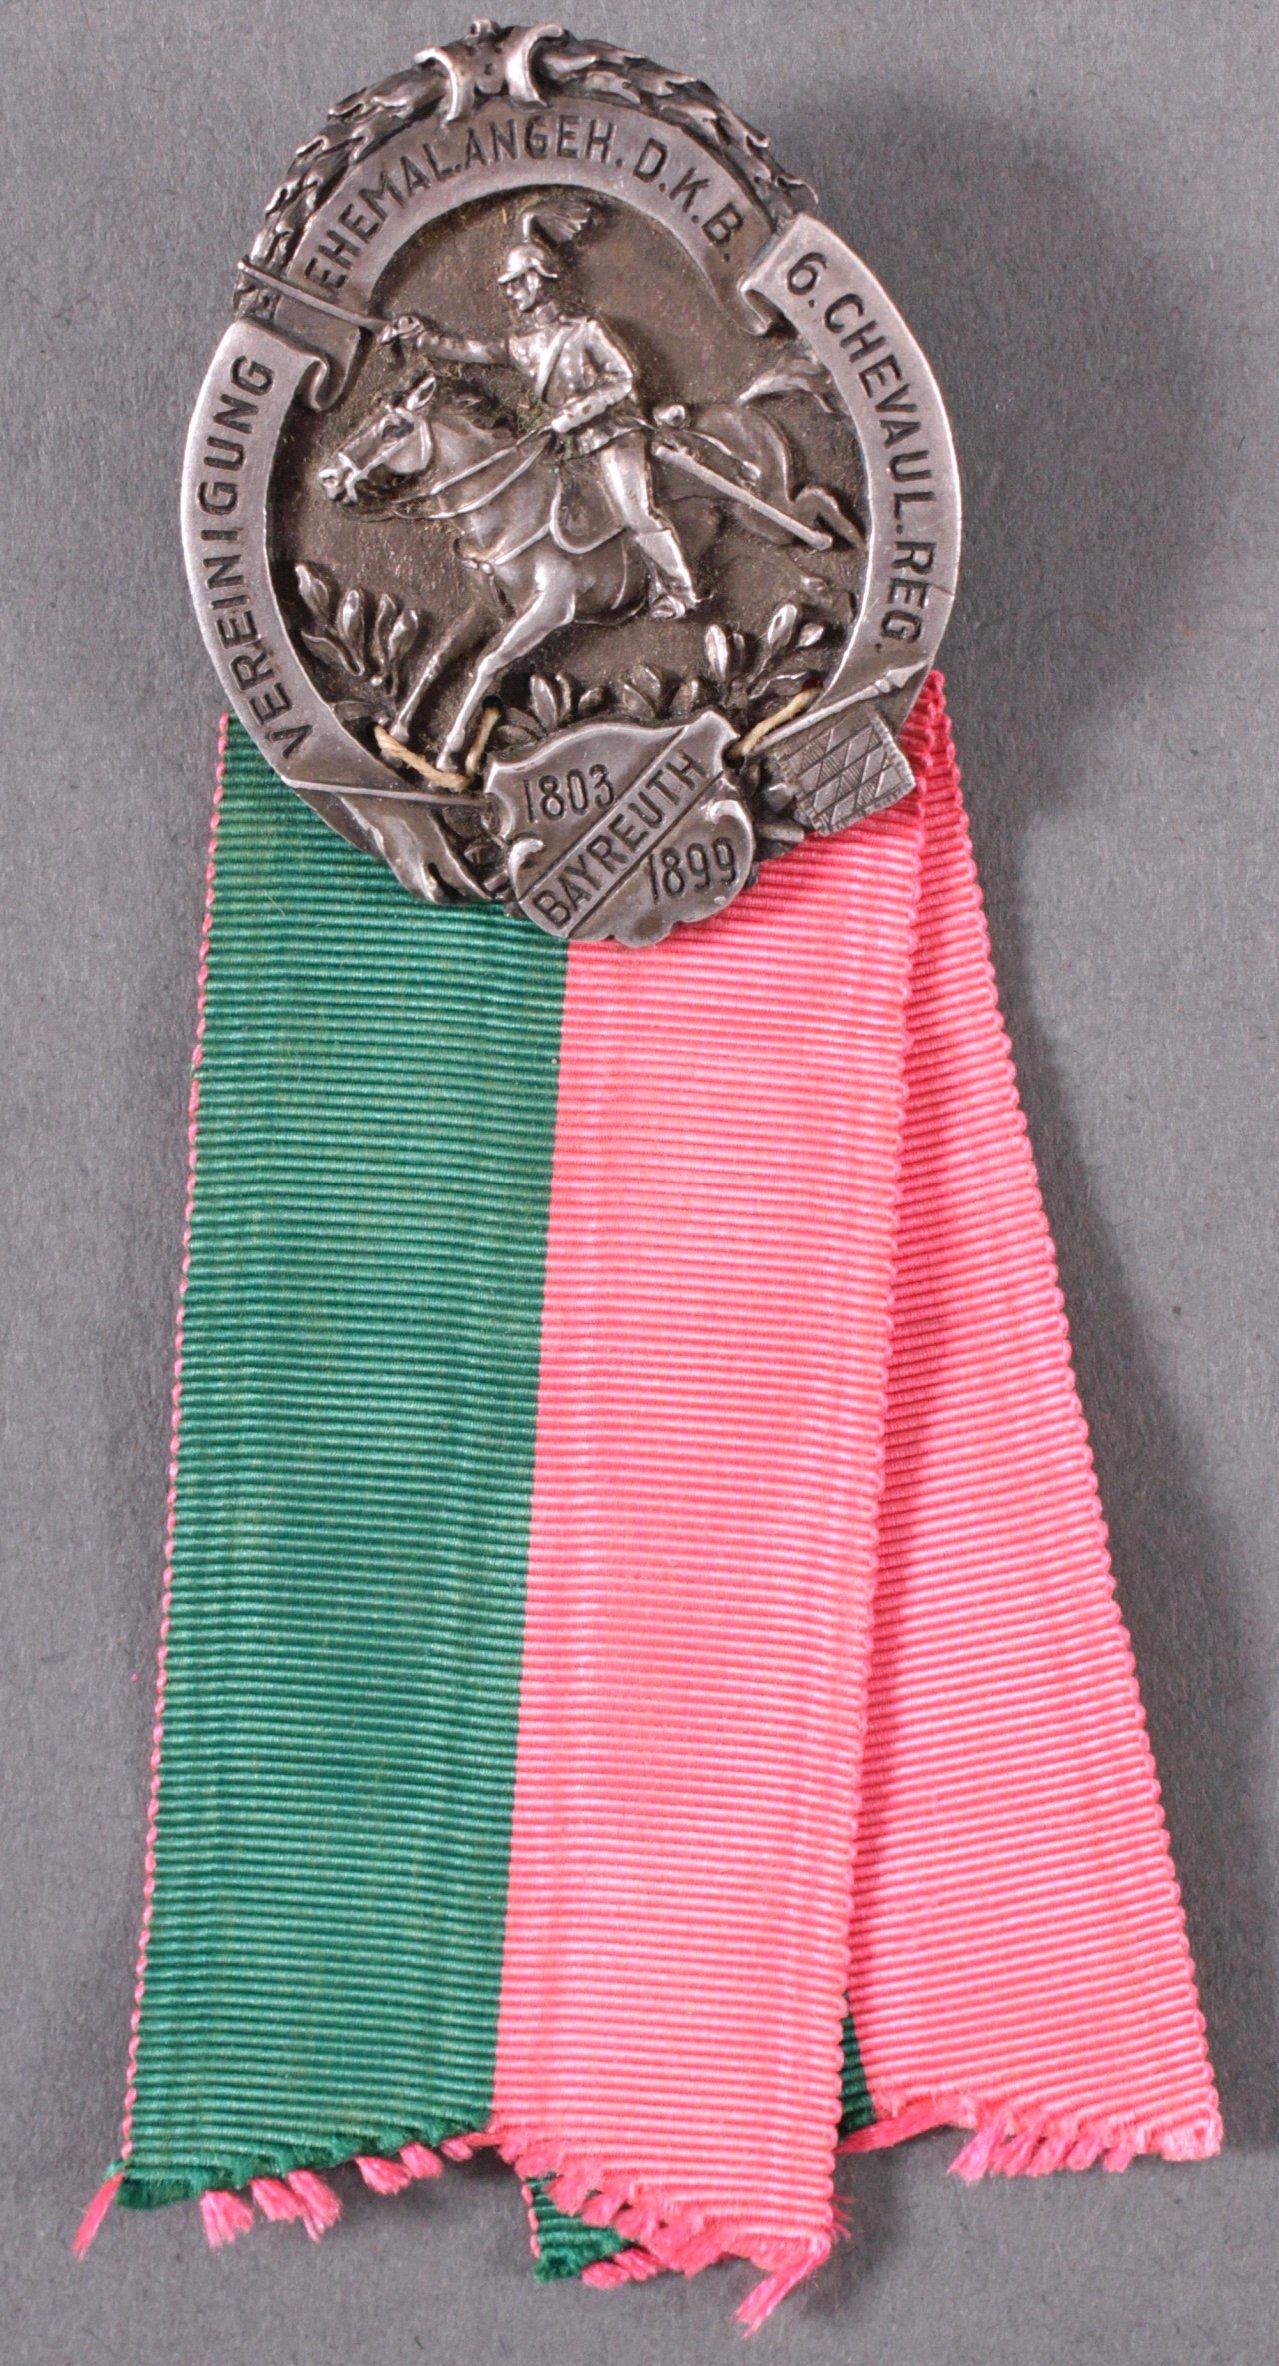 Abzeichen 6. Chevaulegers Regiment Bayreuth 1899